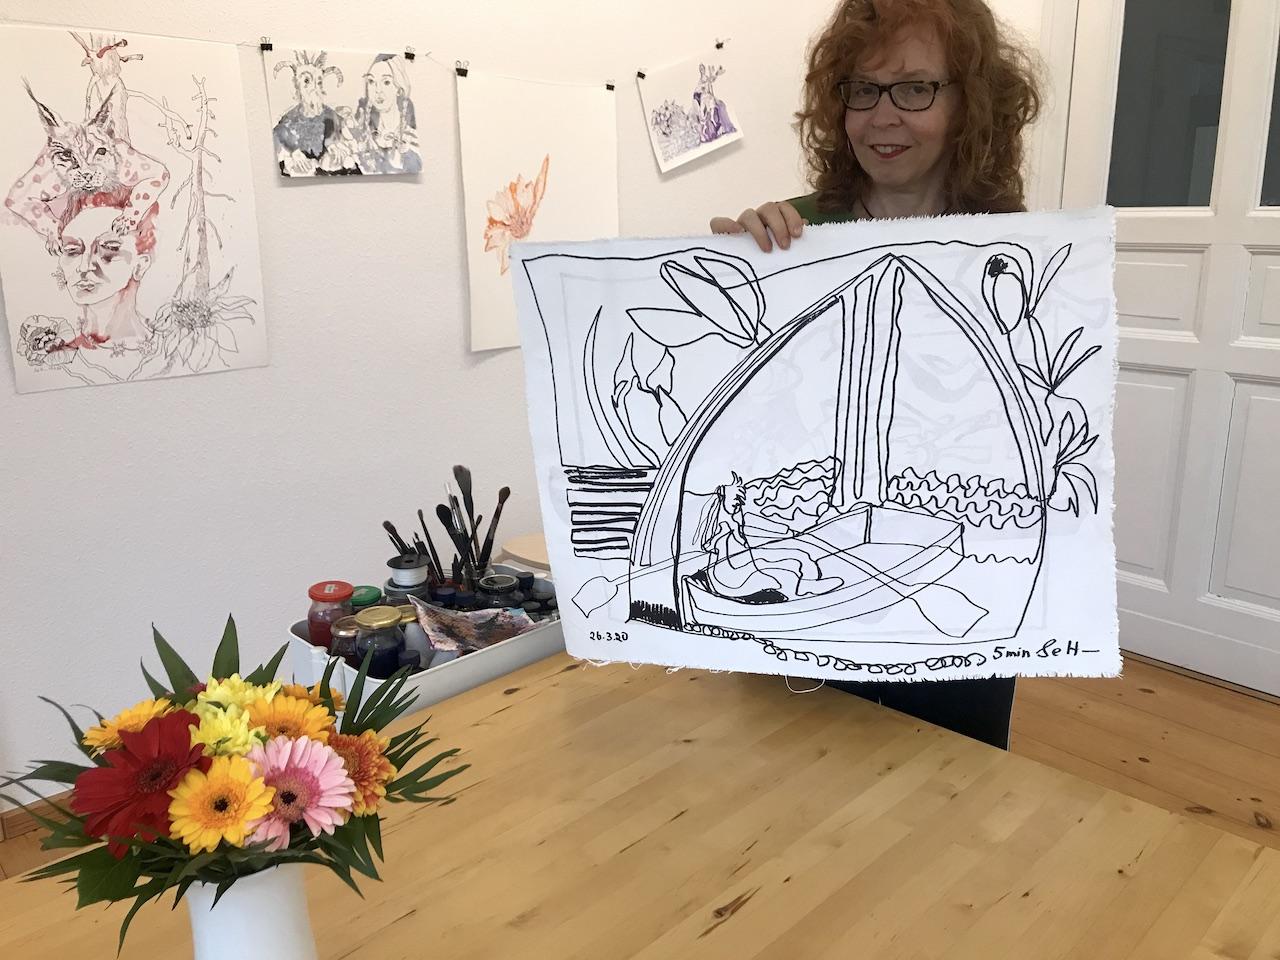 Doppelter Blick aus dem Fenster, 57 x 73,5 cm, Zeichnung auf Leinwand von Susanne Haun (c) VG Bild-Kunst, Bonn 2020.